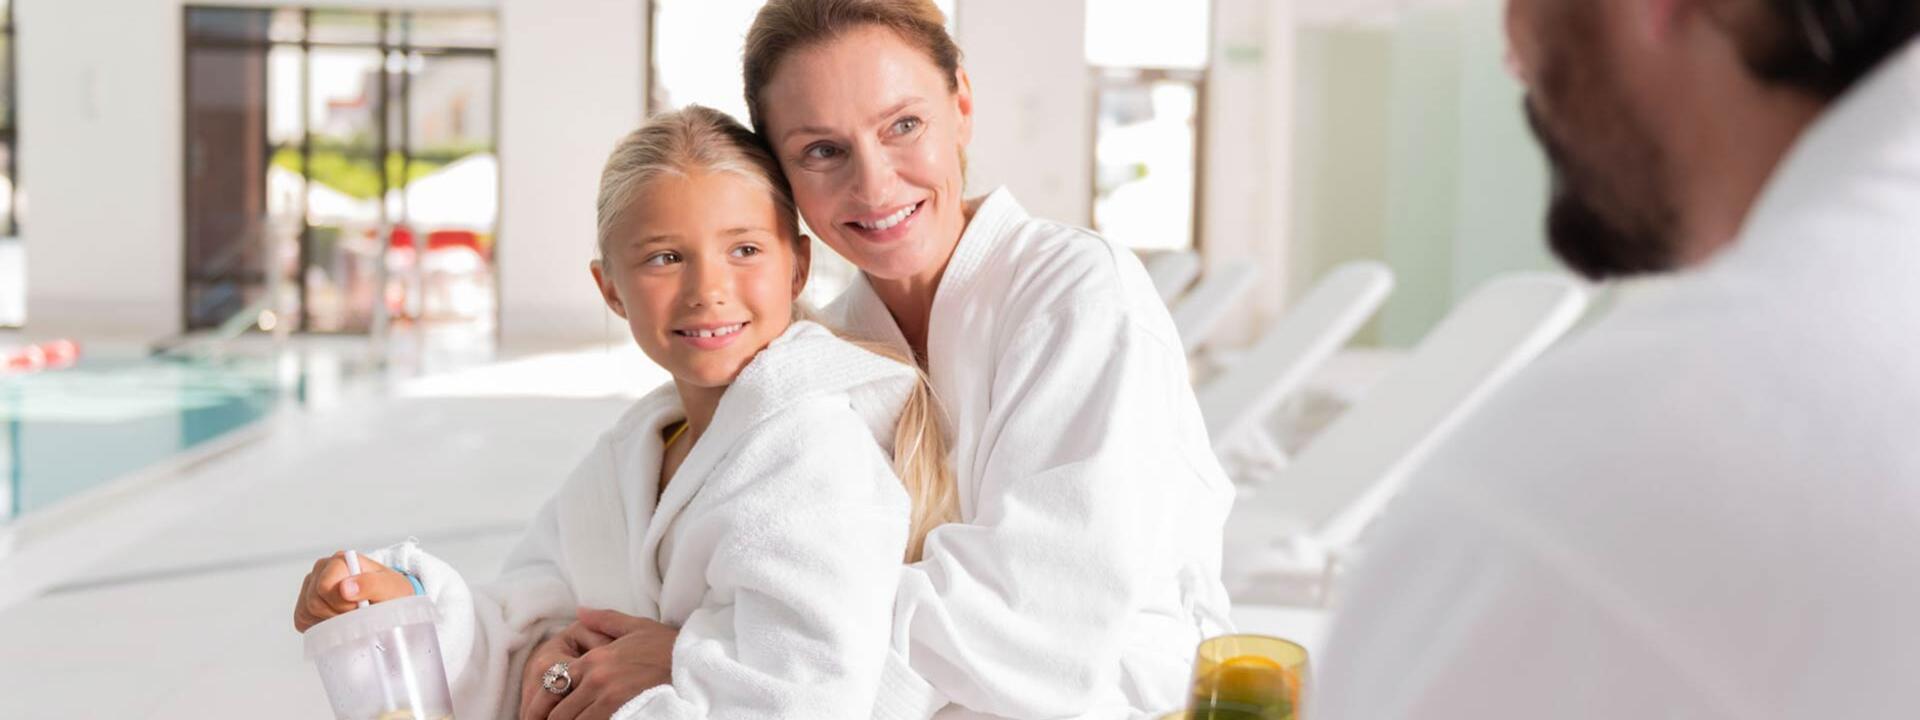 fortunaresort fr familles-hotel-toscane 011